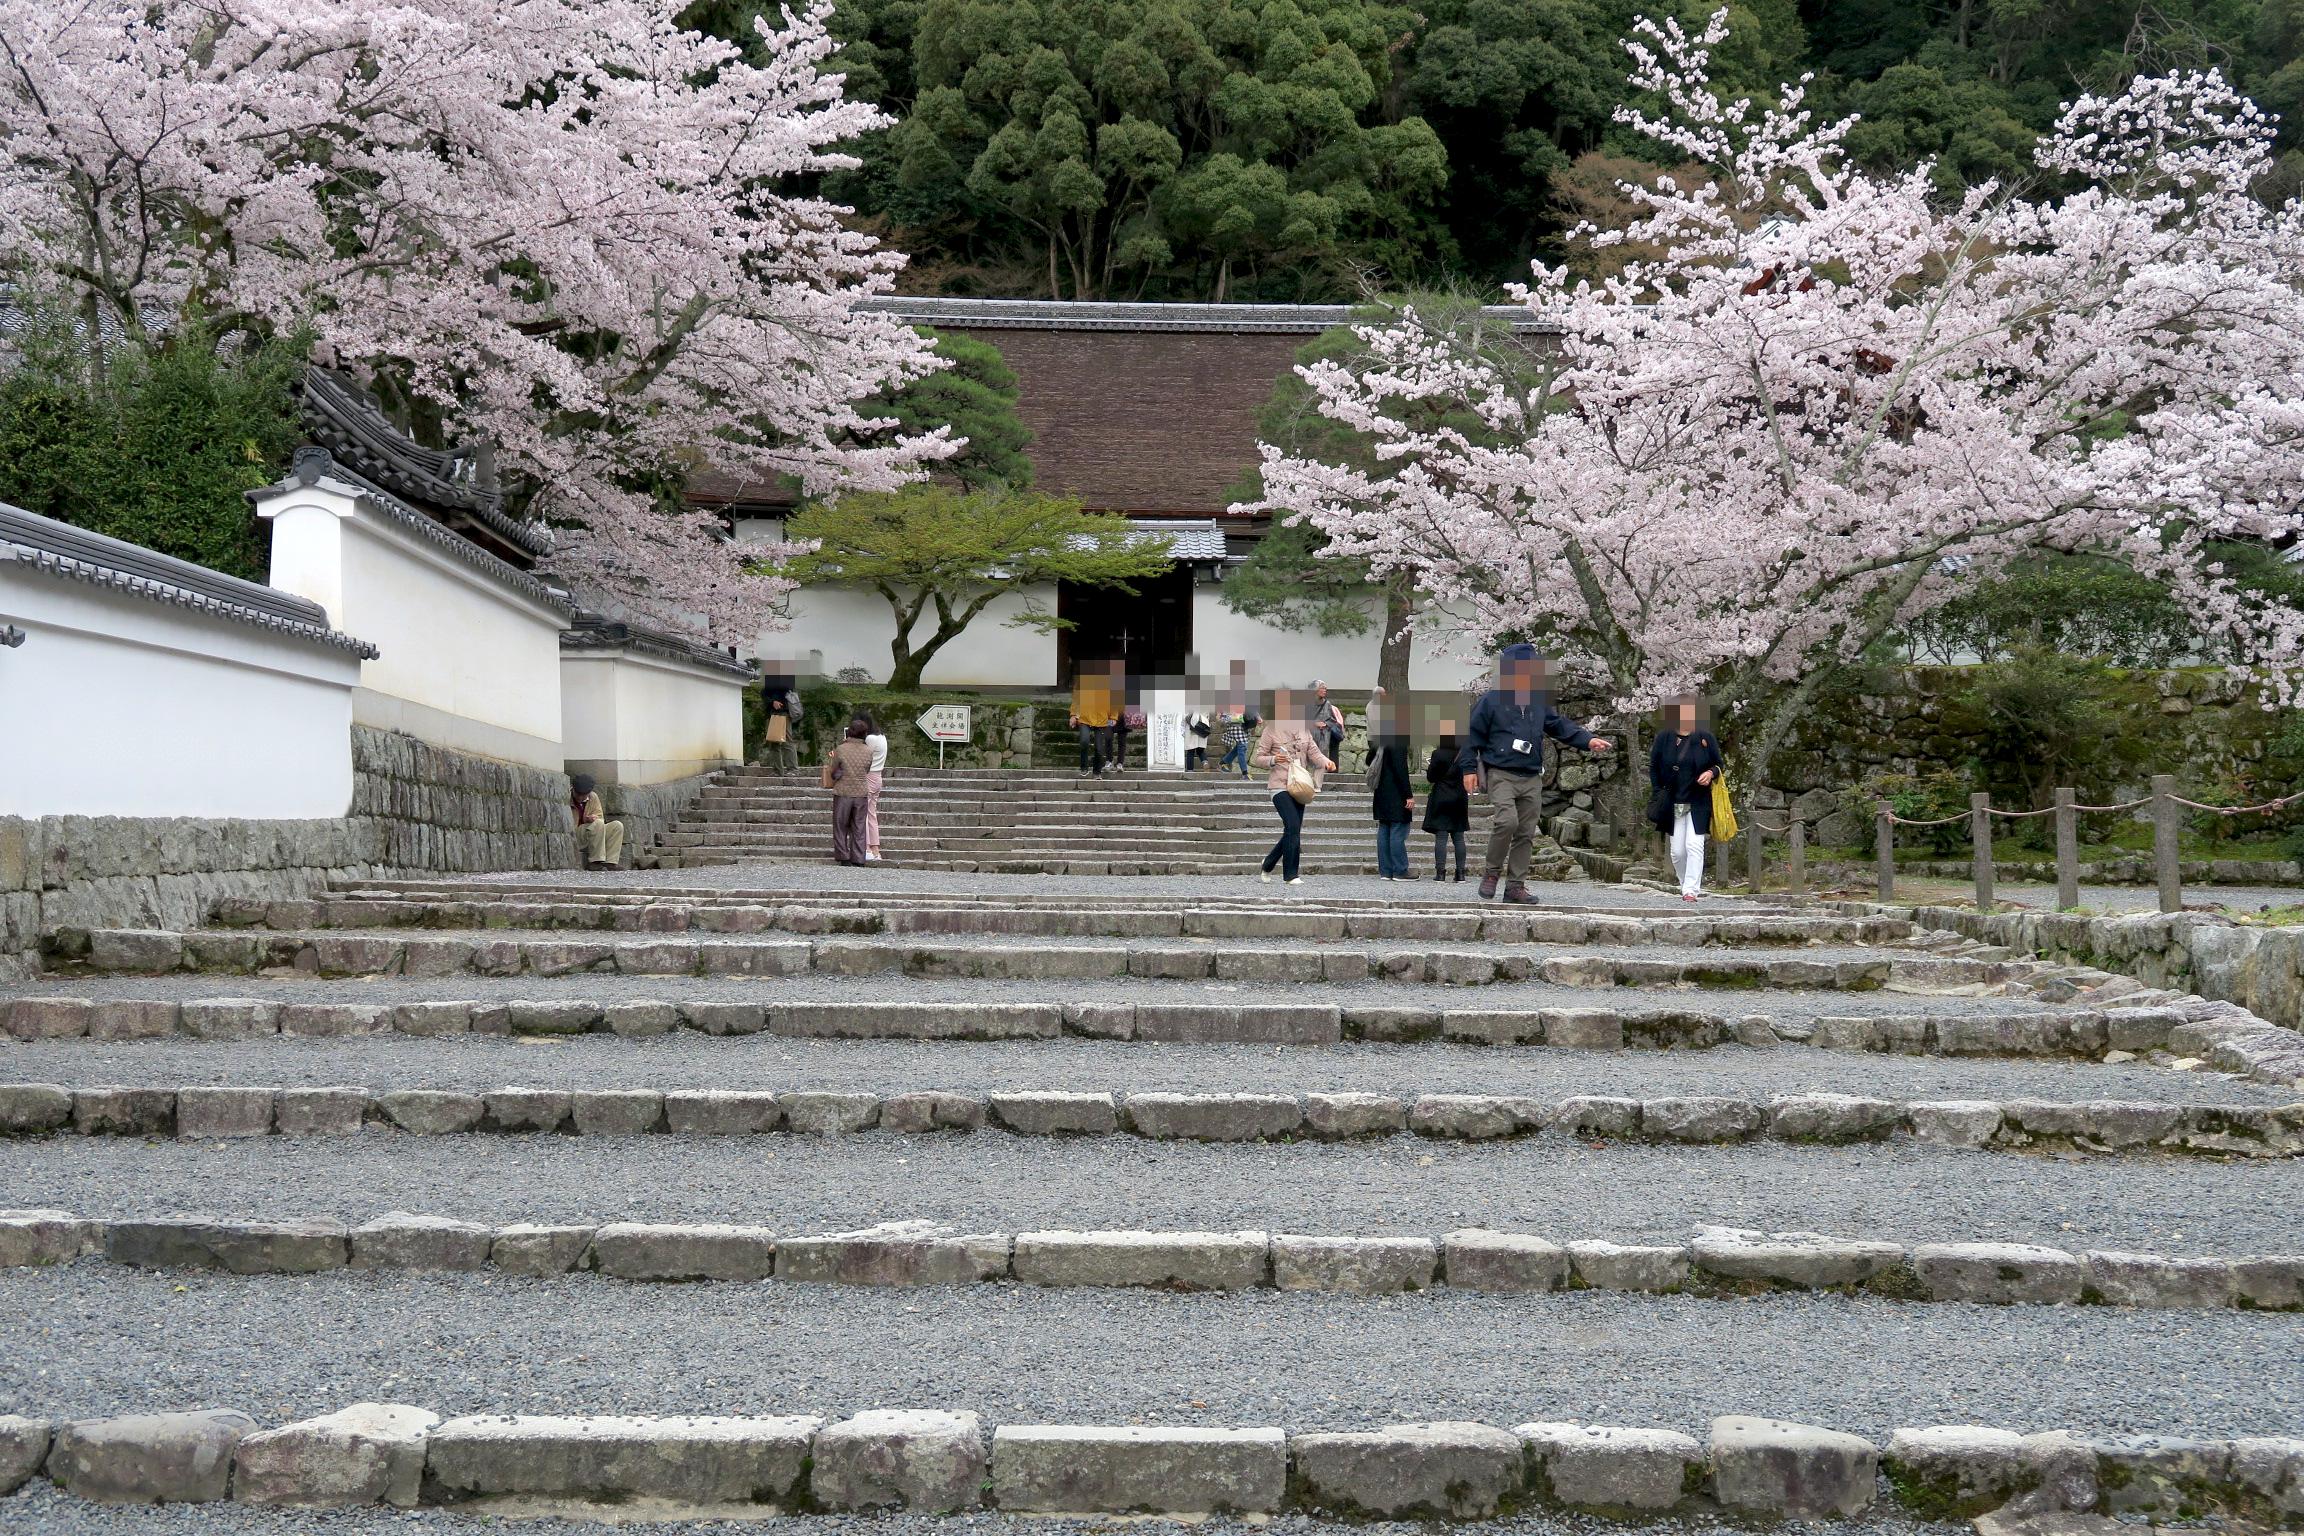 南禅寺法堂と南禅寺専門道場の間にある石階段。